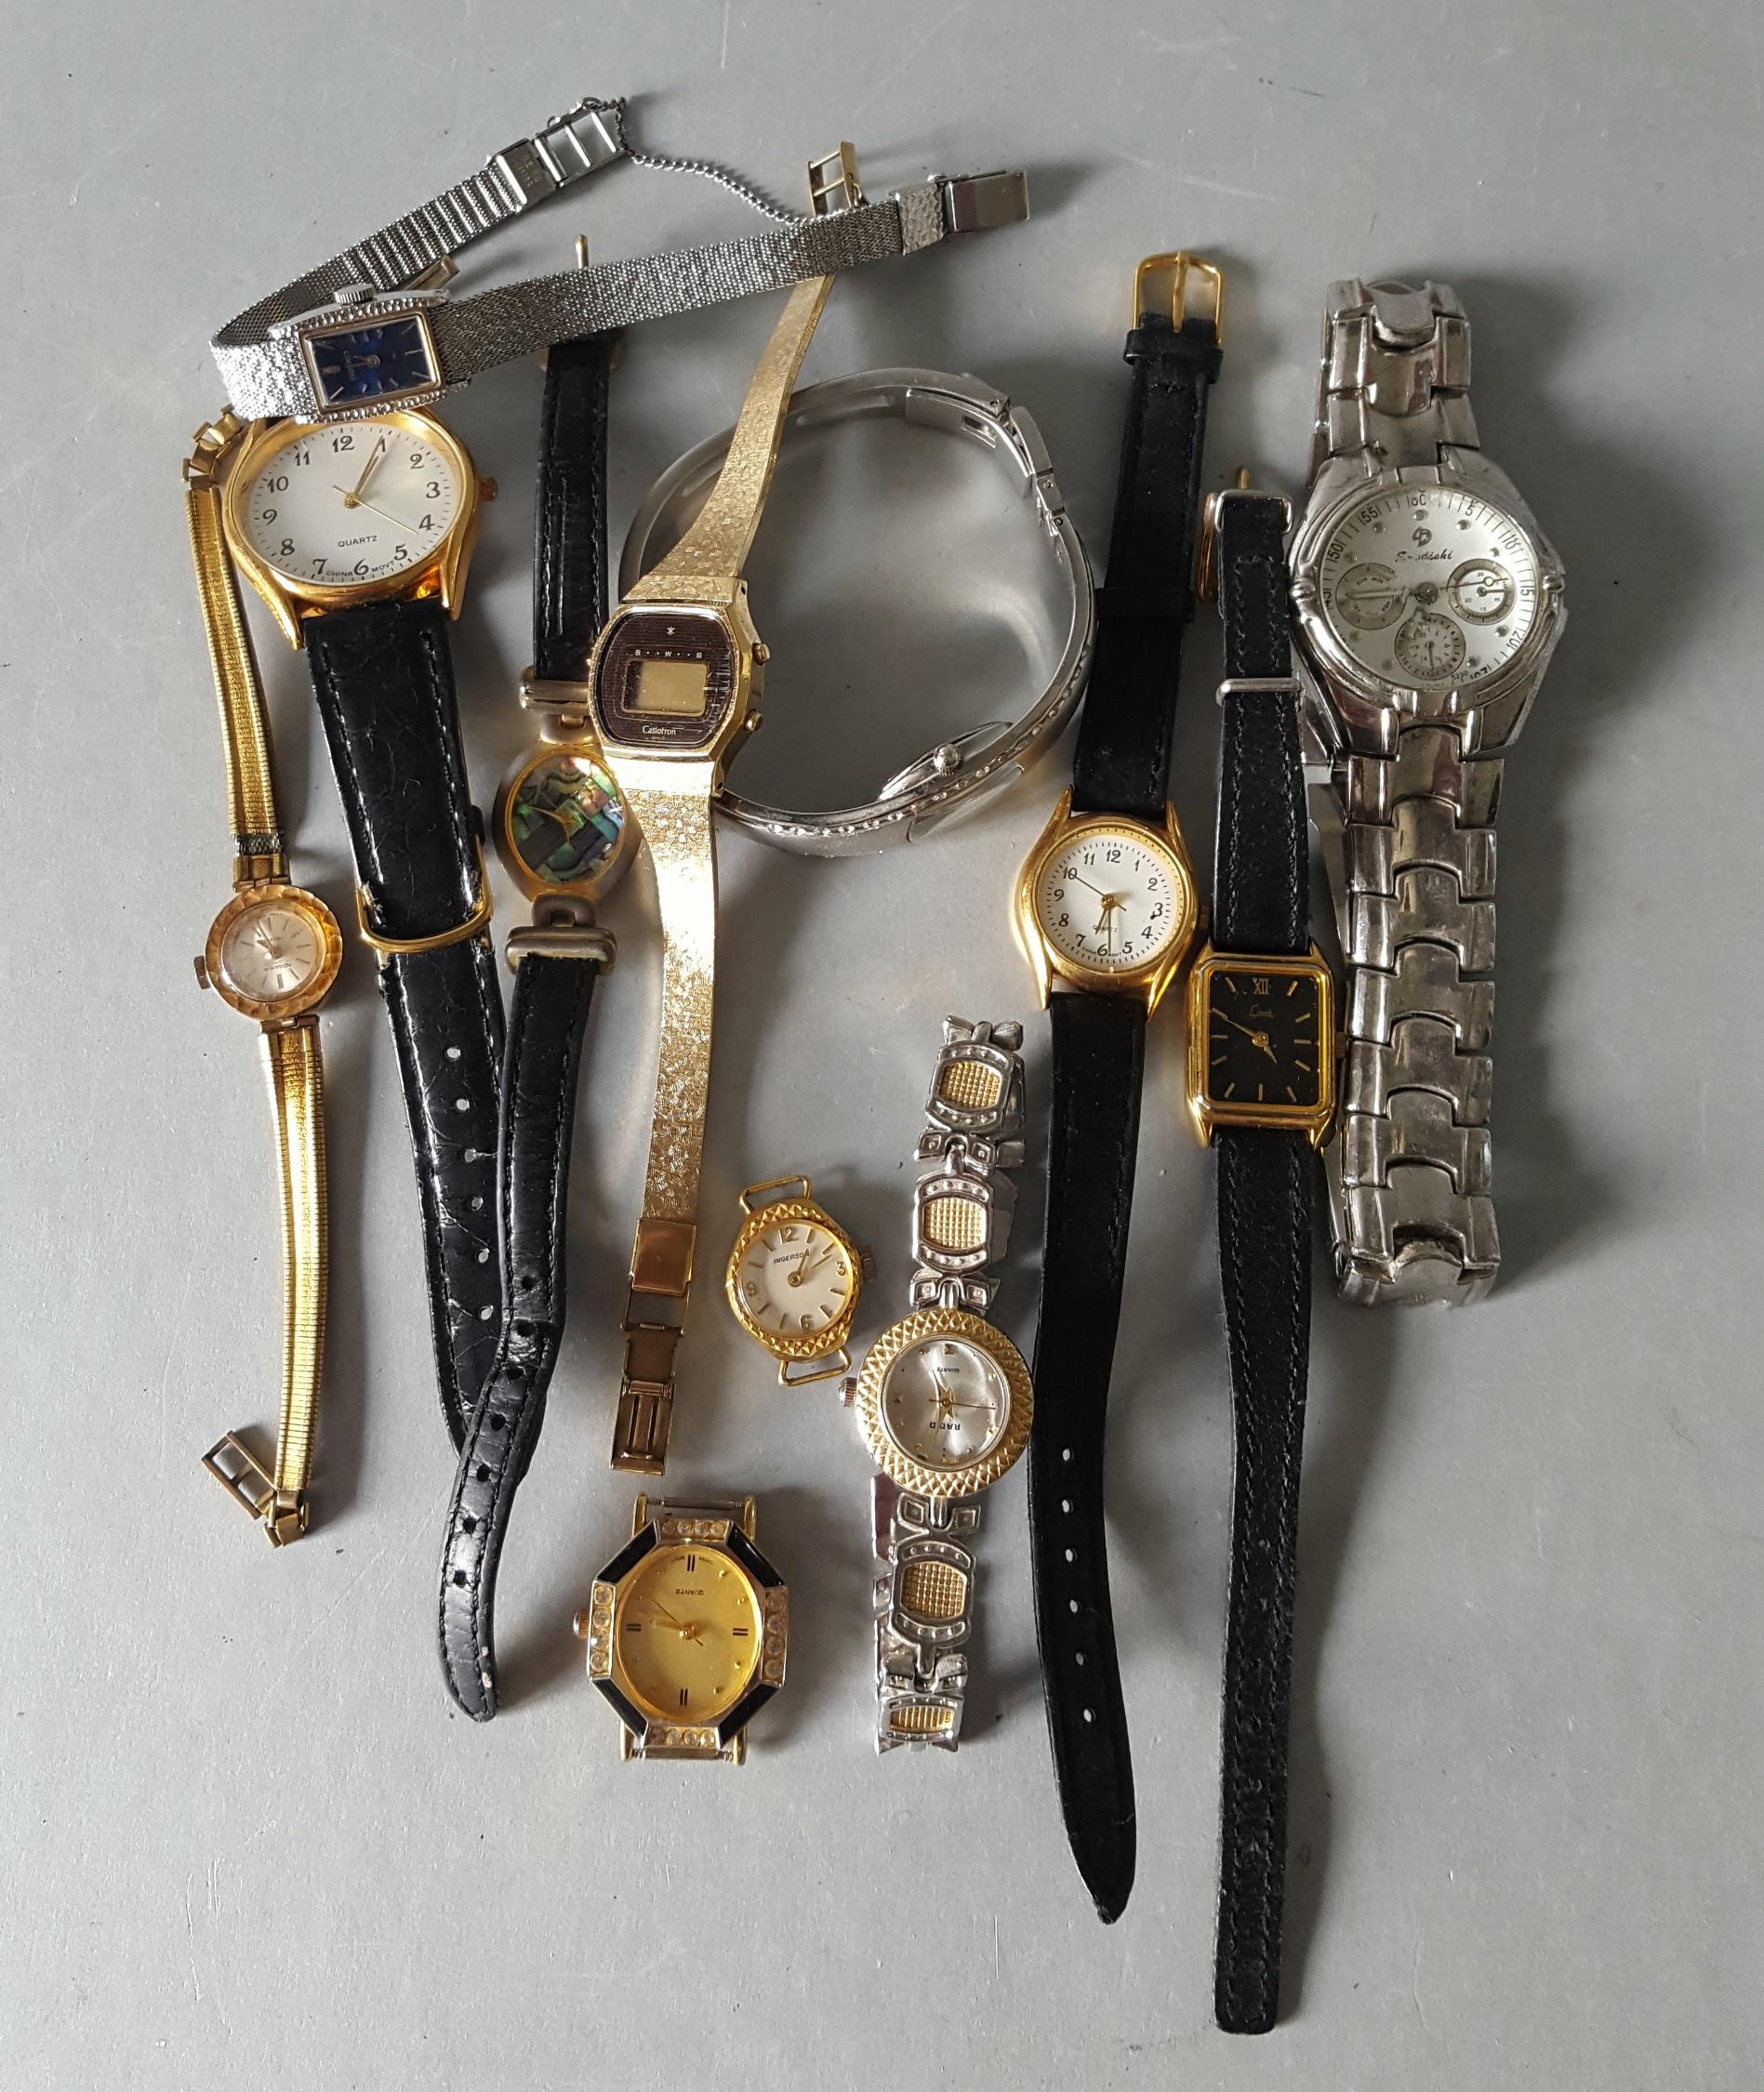 Lot 113 - Vintage Retro Parcel of 12 Wrist Watches Includes Ingersol Limit ect NO RESERVE